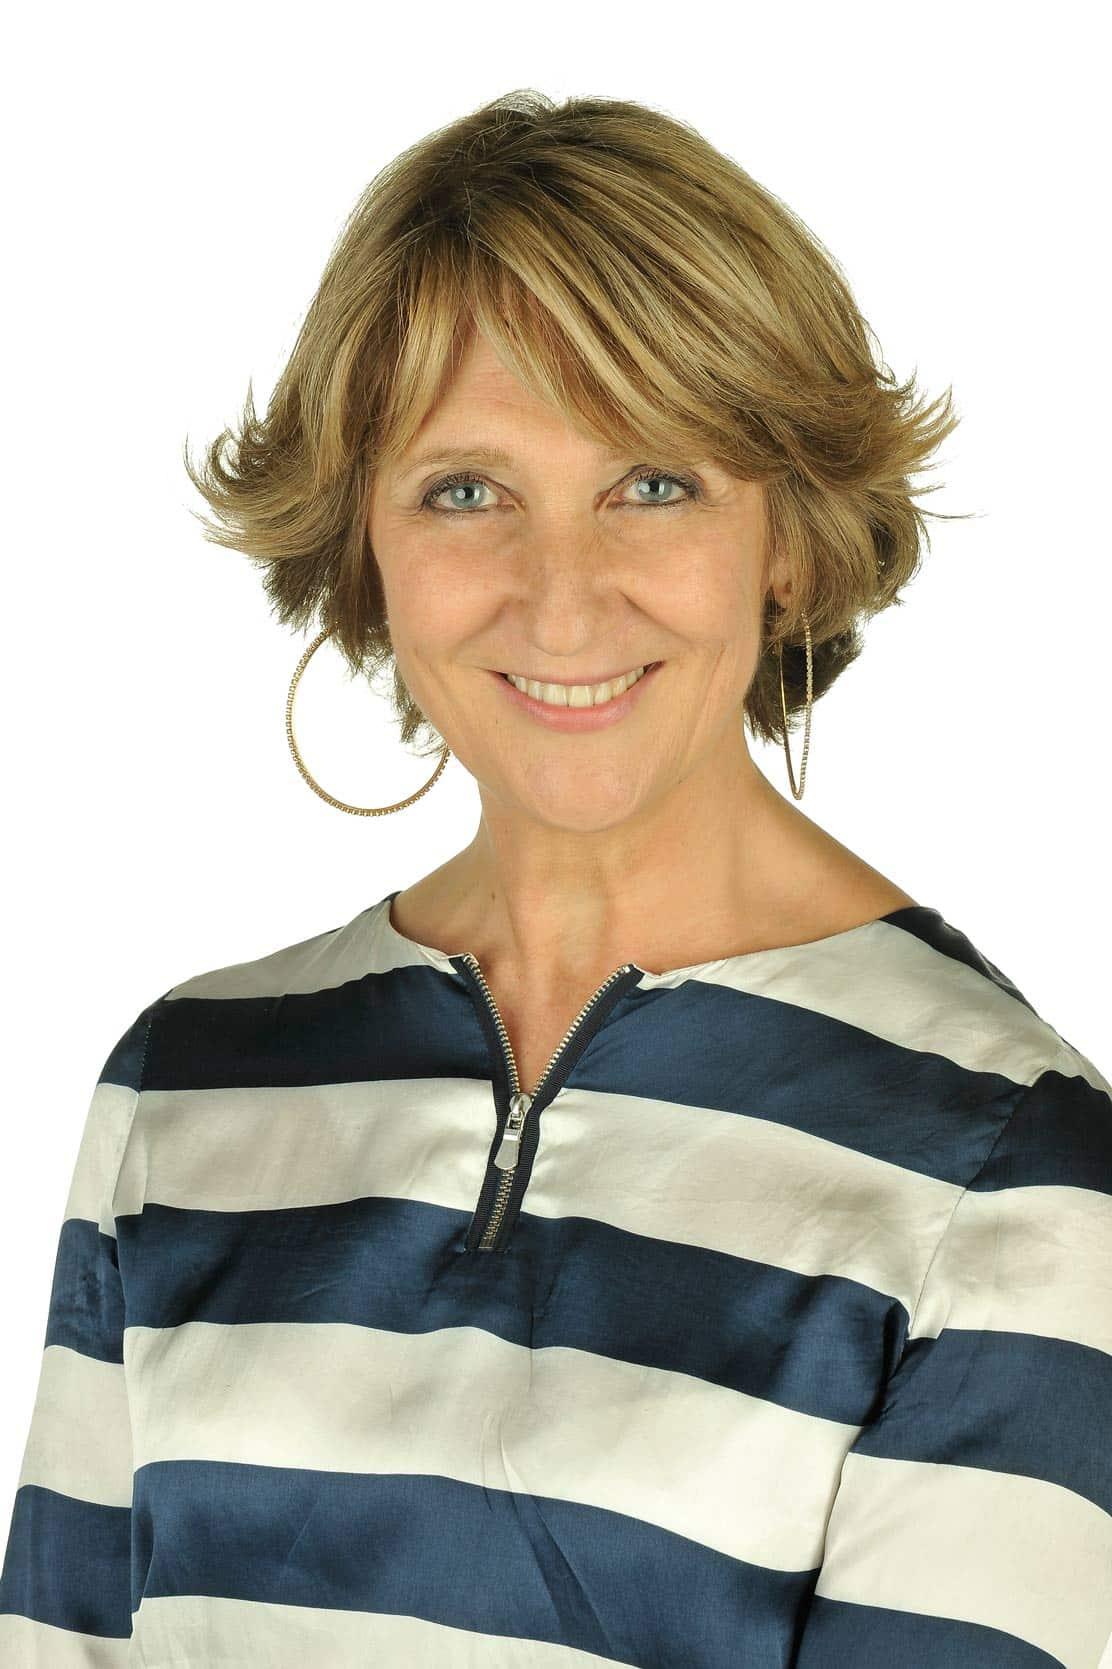 Elisabeth Toutut picard